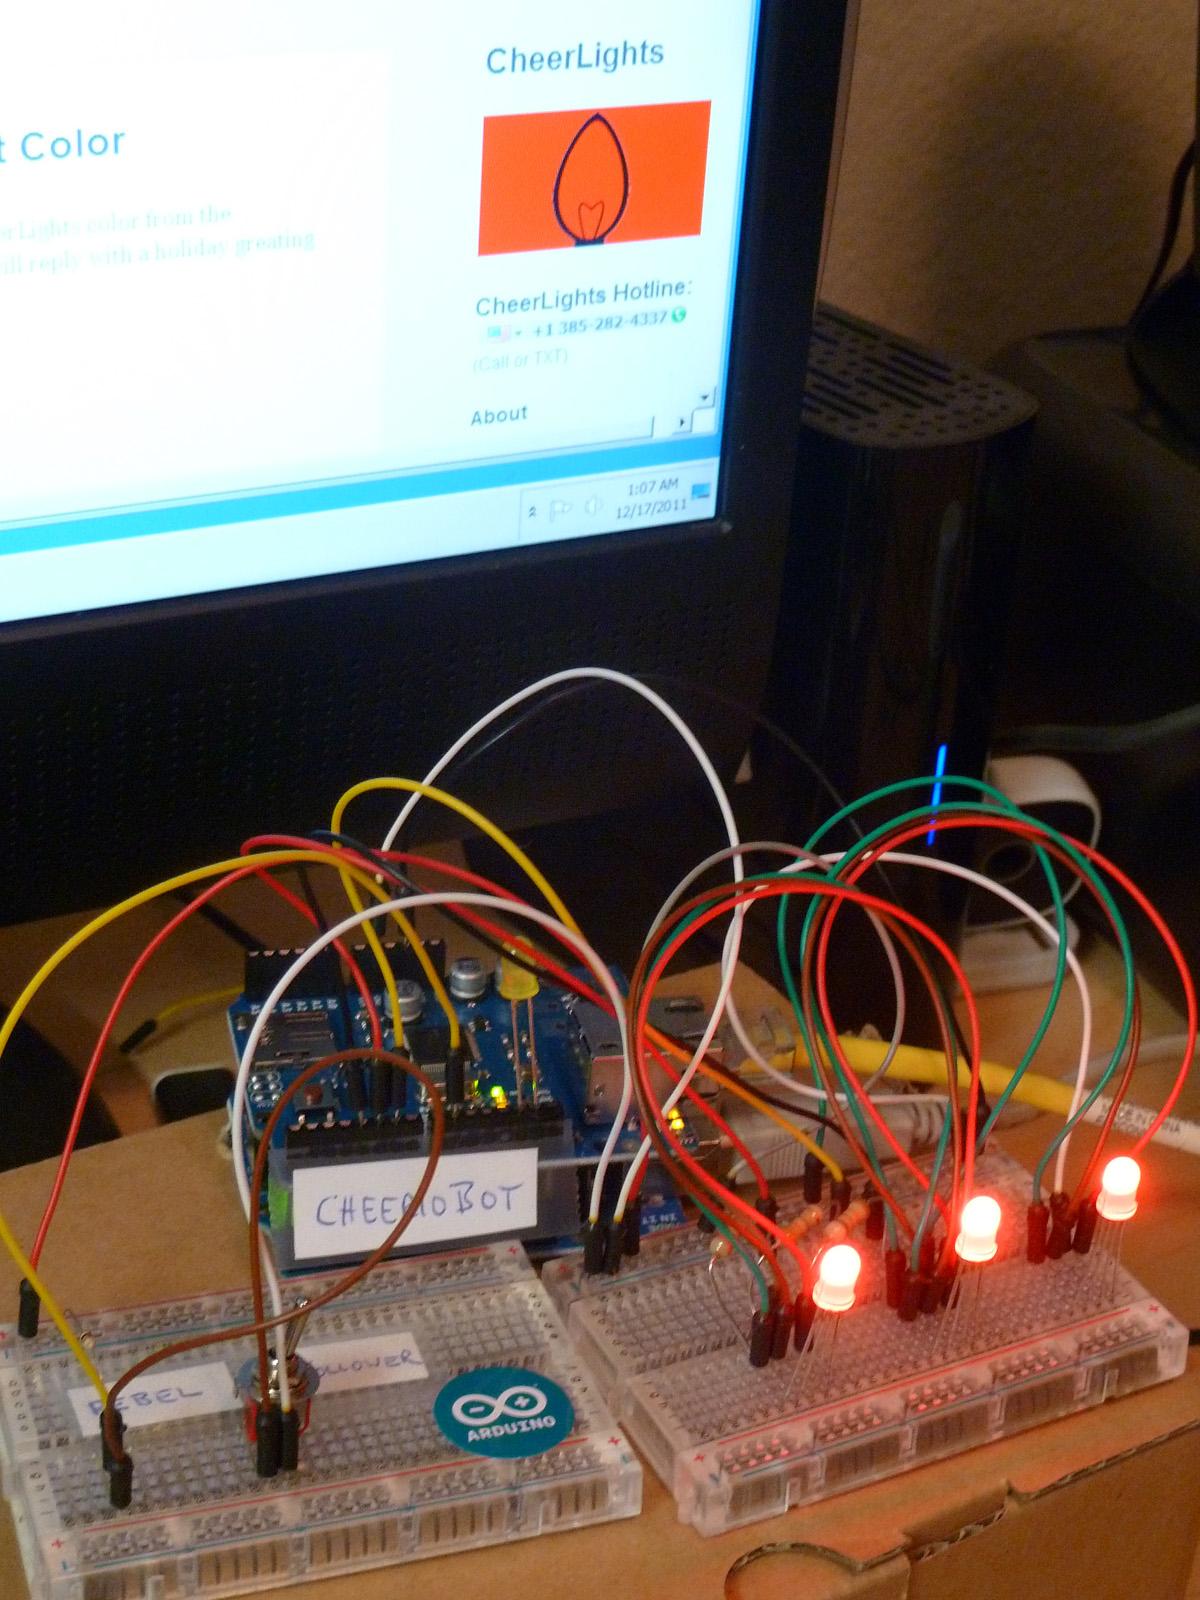 Arduino Ethernet CheerioBot - A CheerLights robot